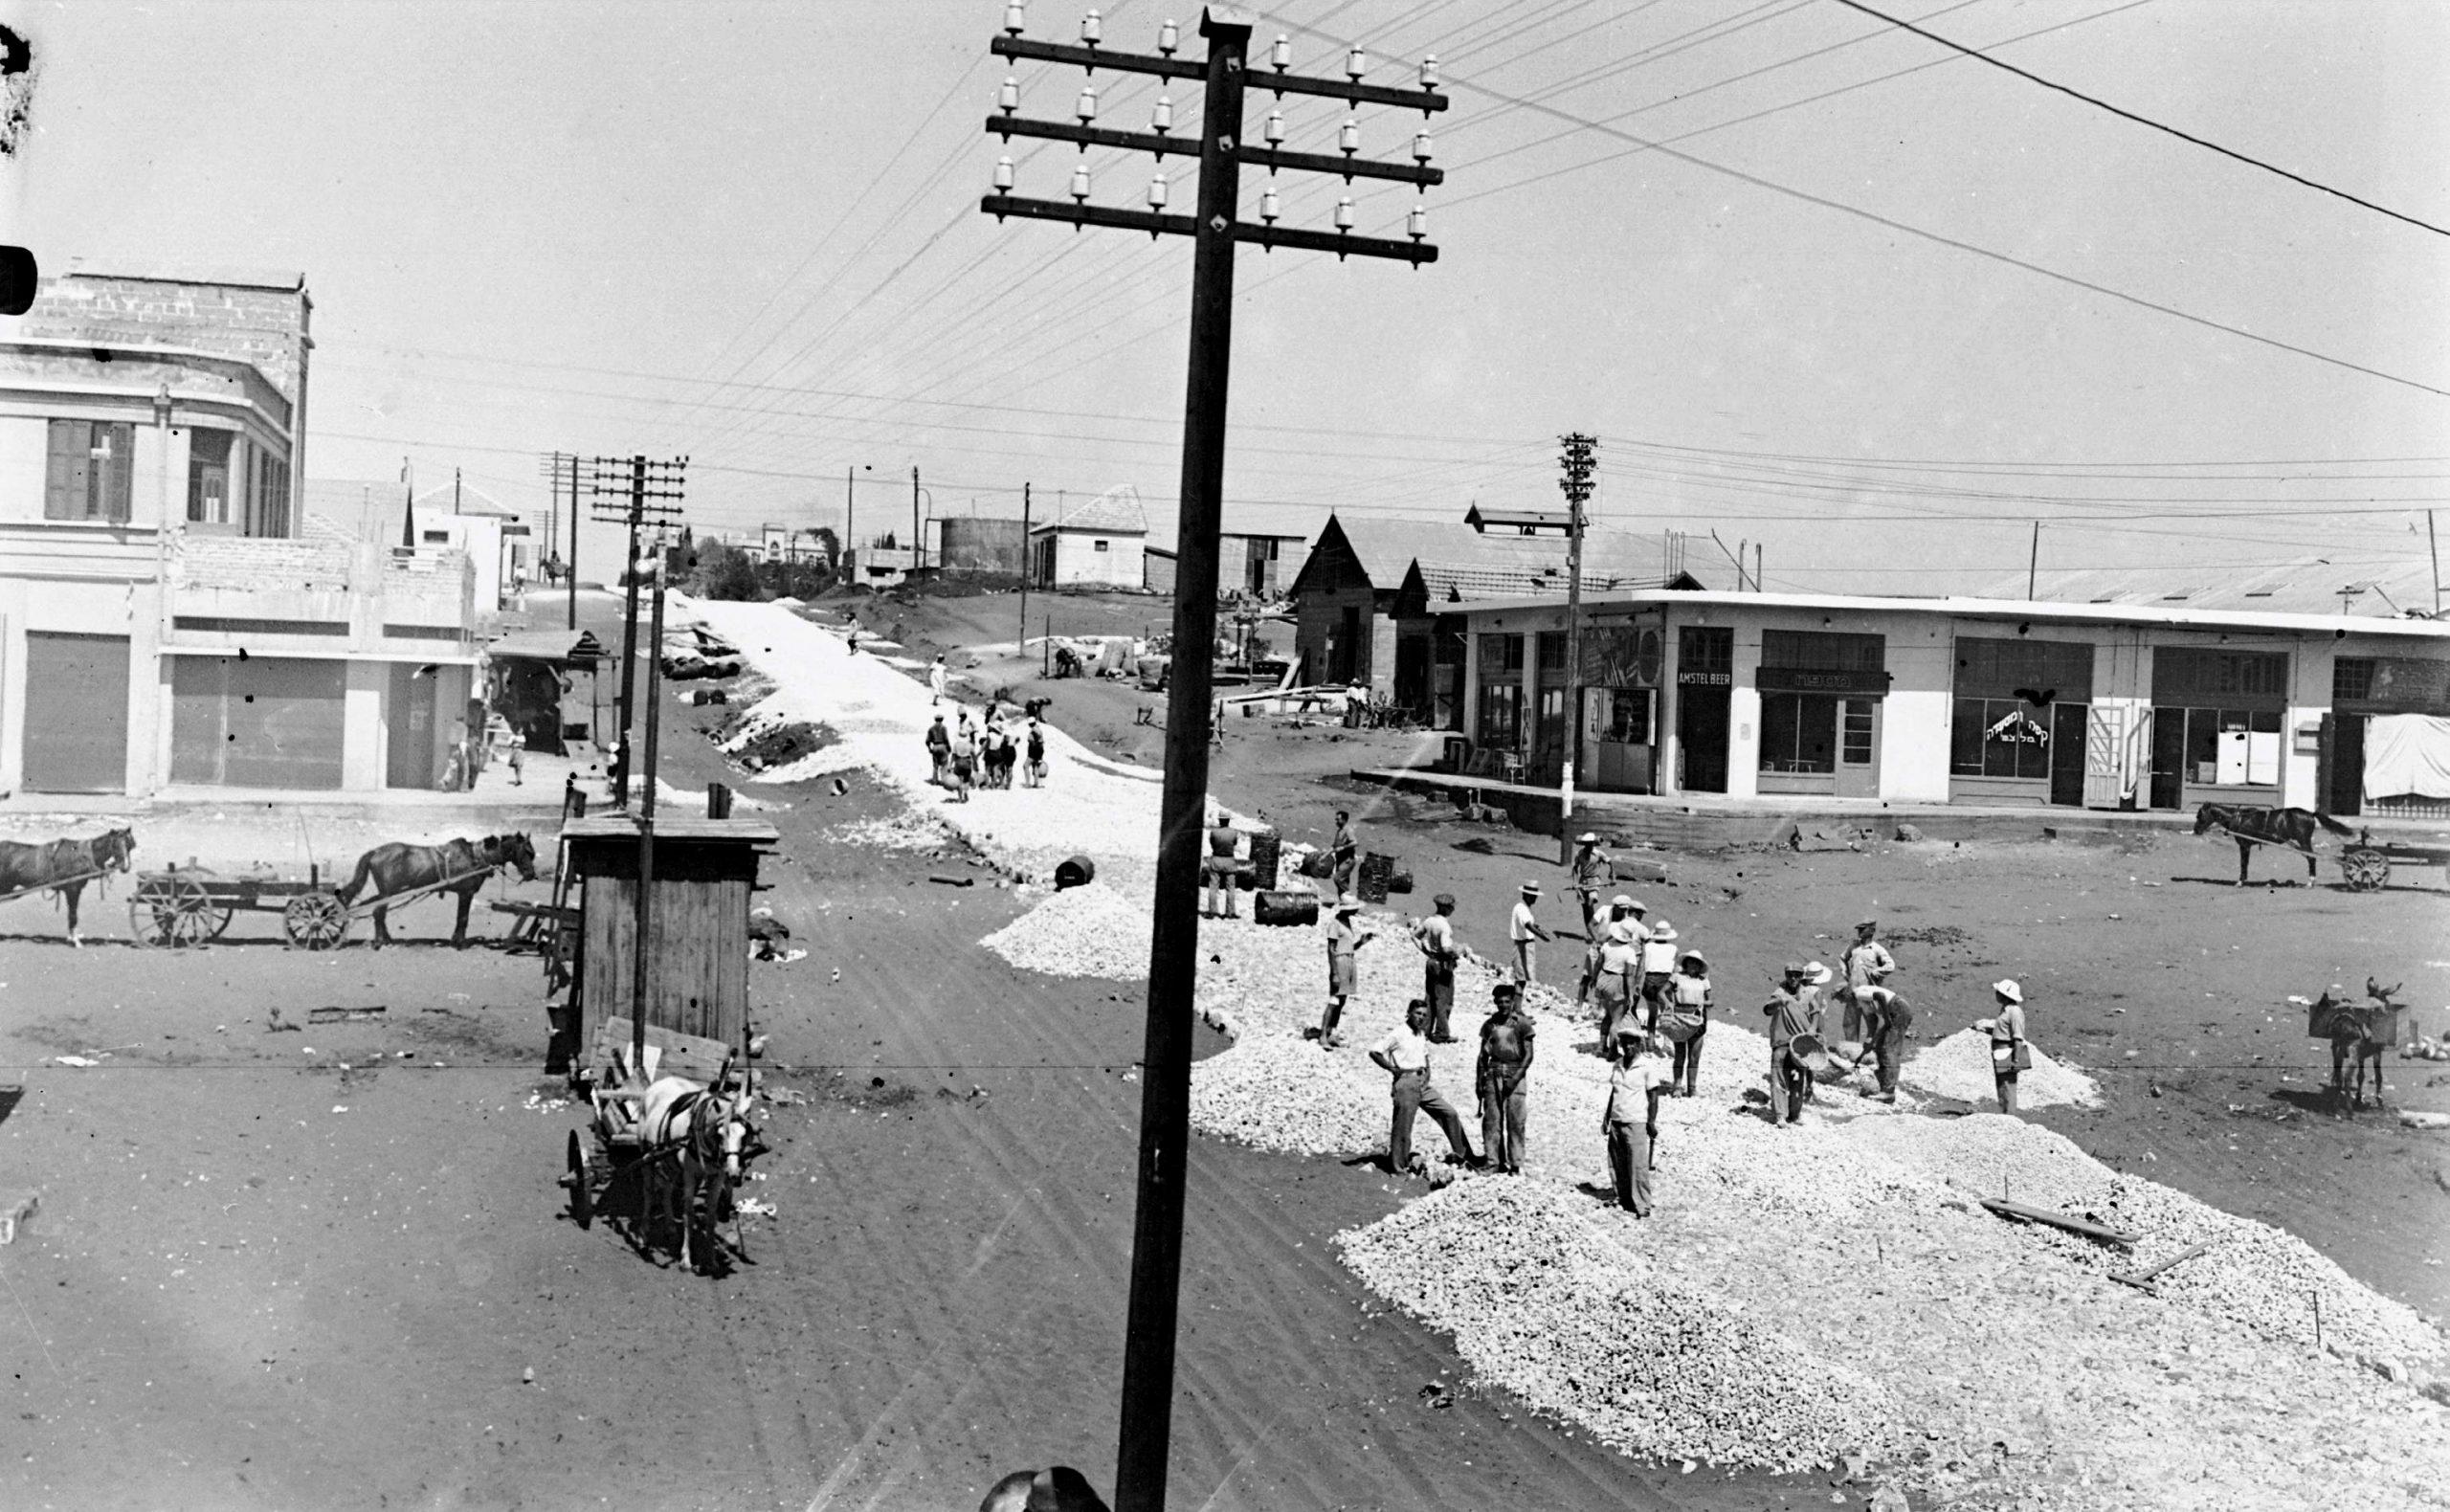 סלילת הרחוב הראשי בכפר סבא (לימים רחוב ויצמן), 1929